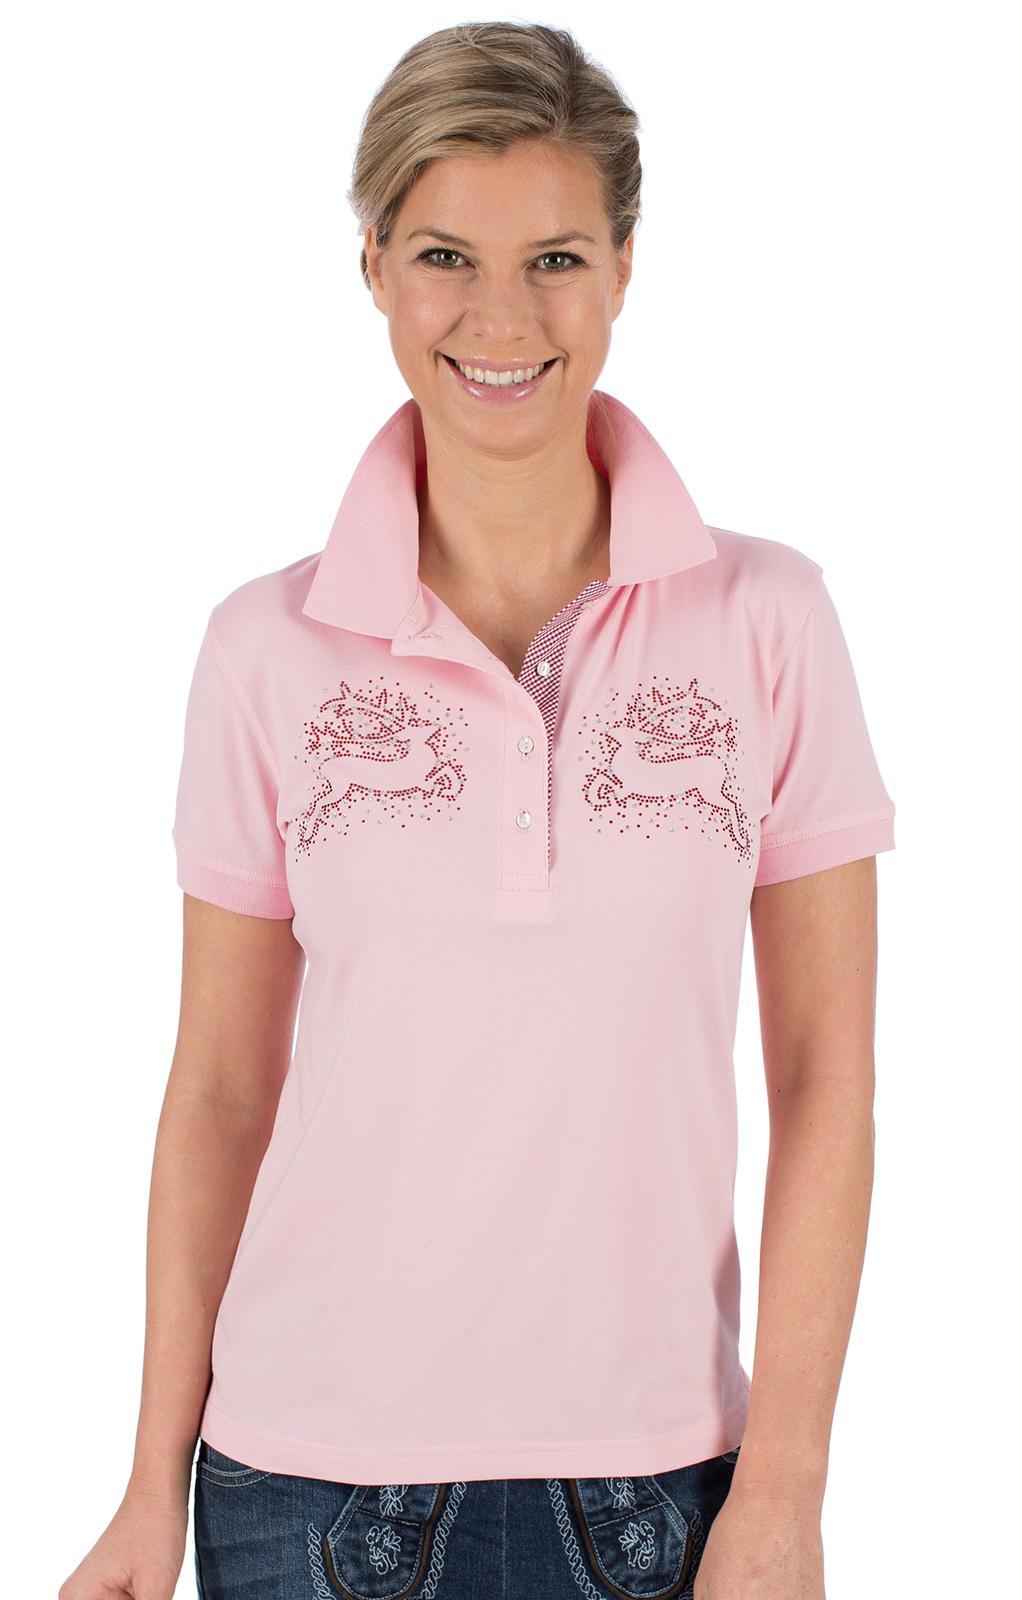 Trachten T-Shirt BRITTA rose von OS-Trachten